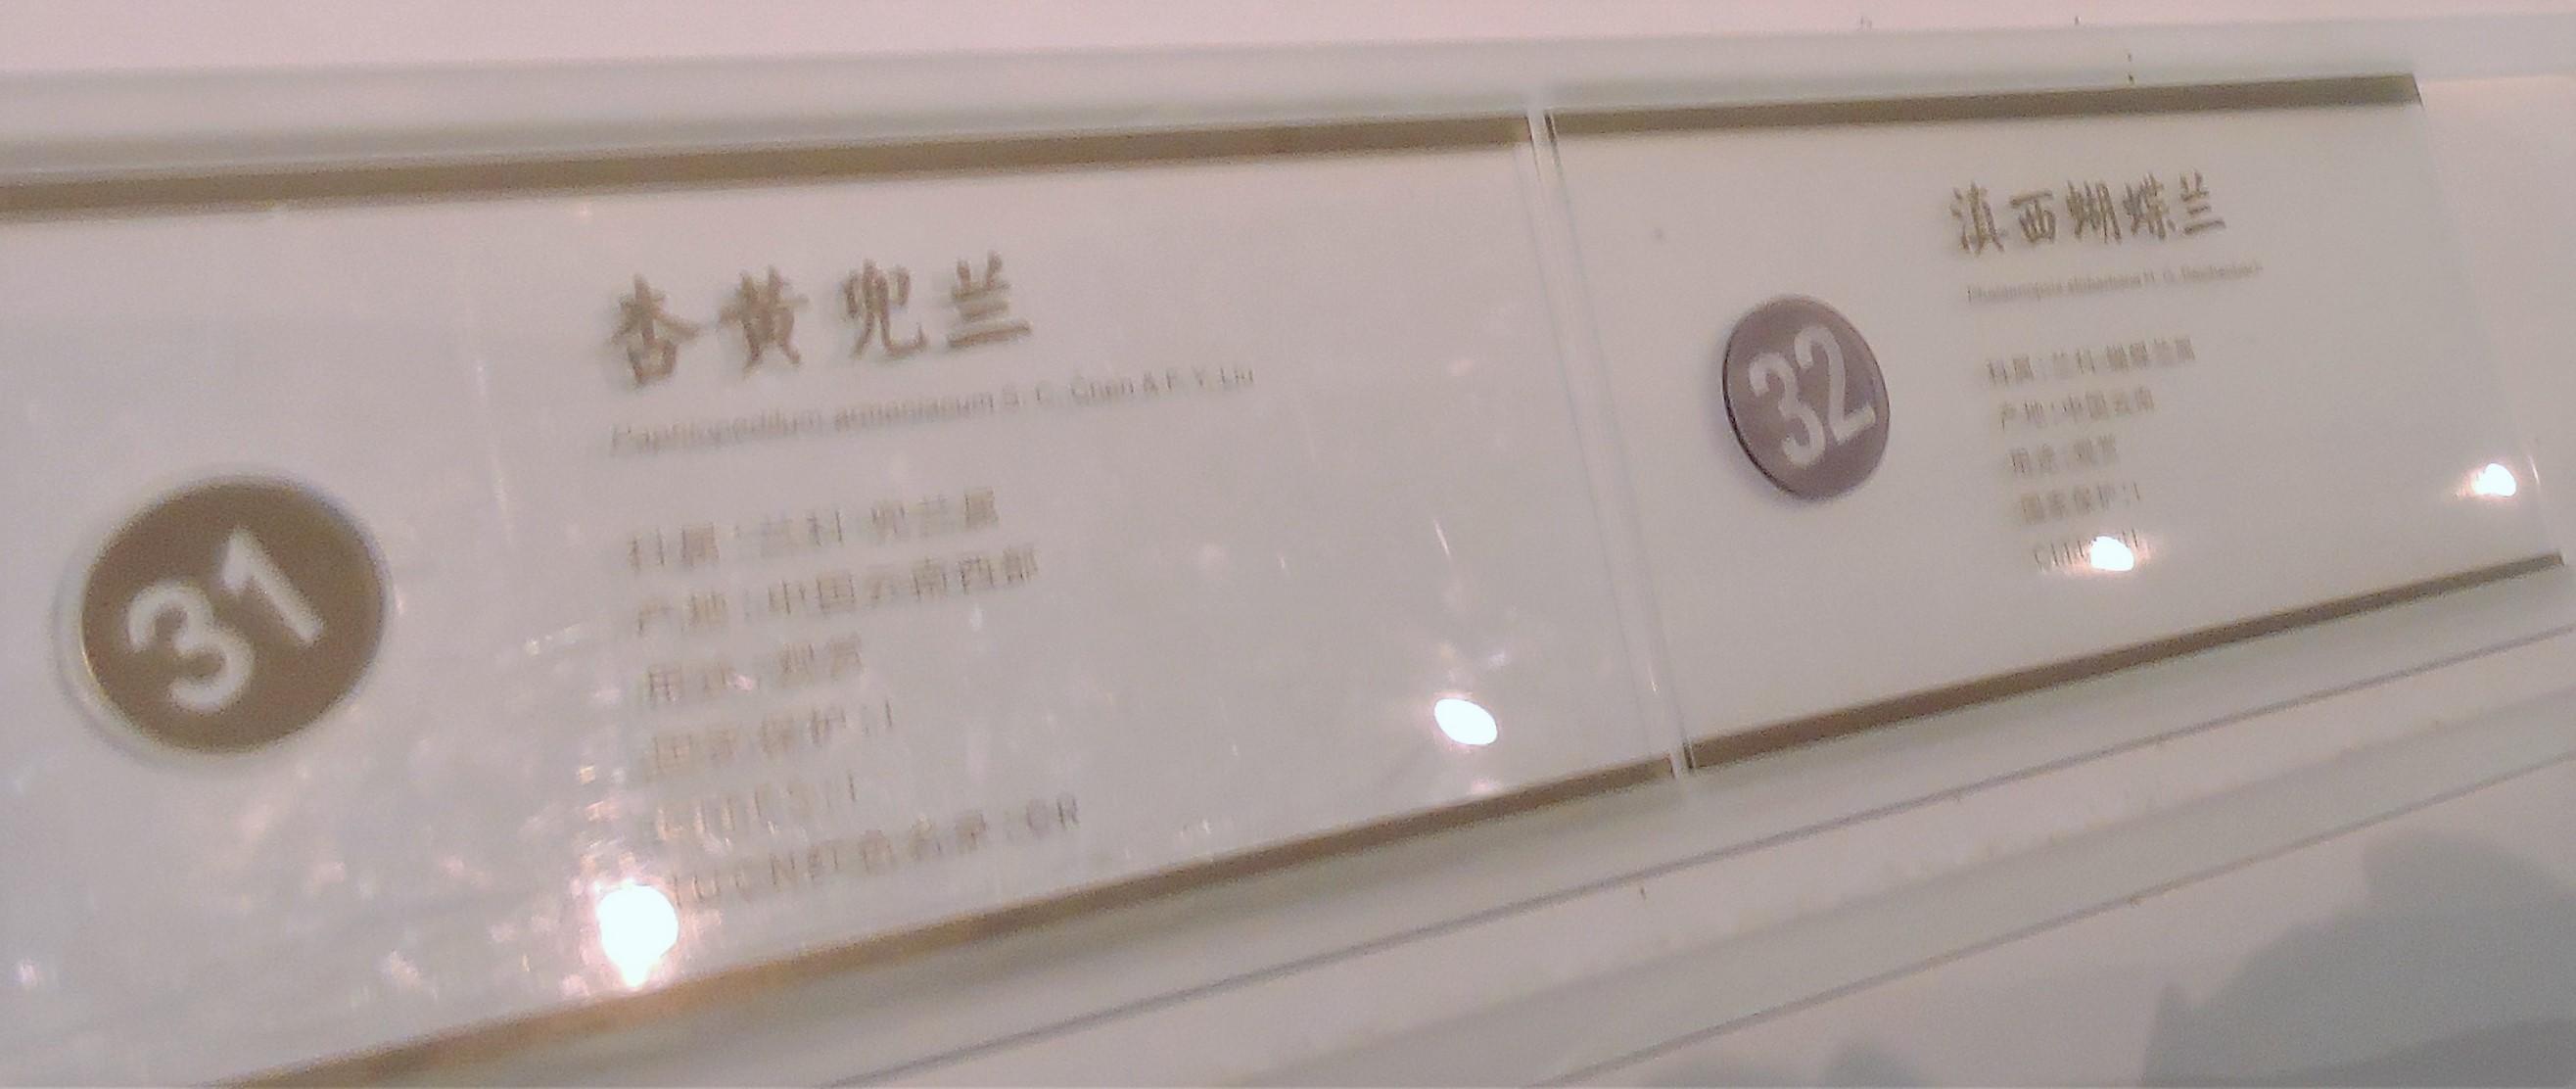 25 DSCN8846.jpg